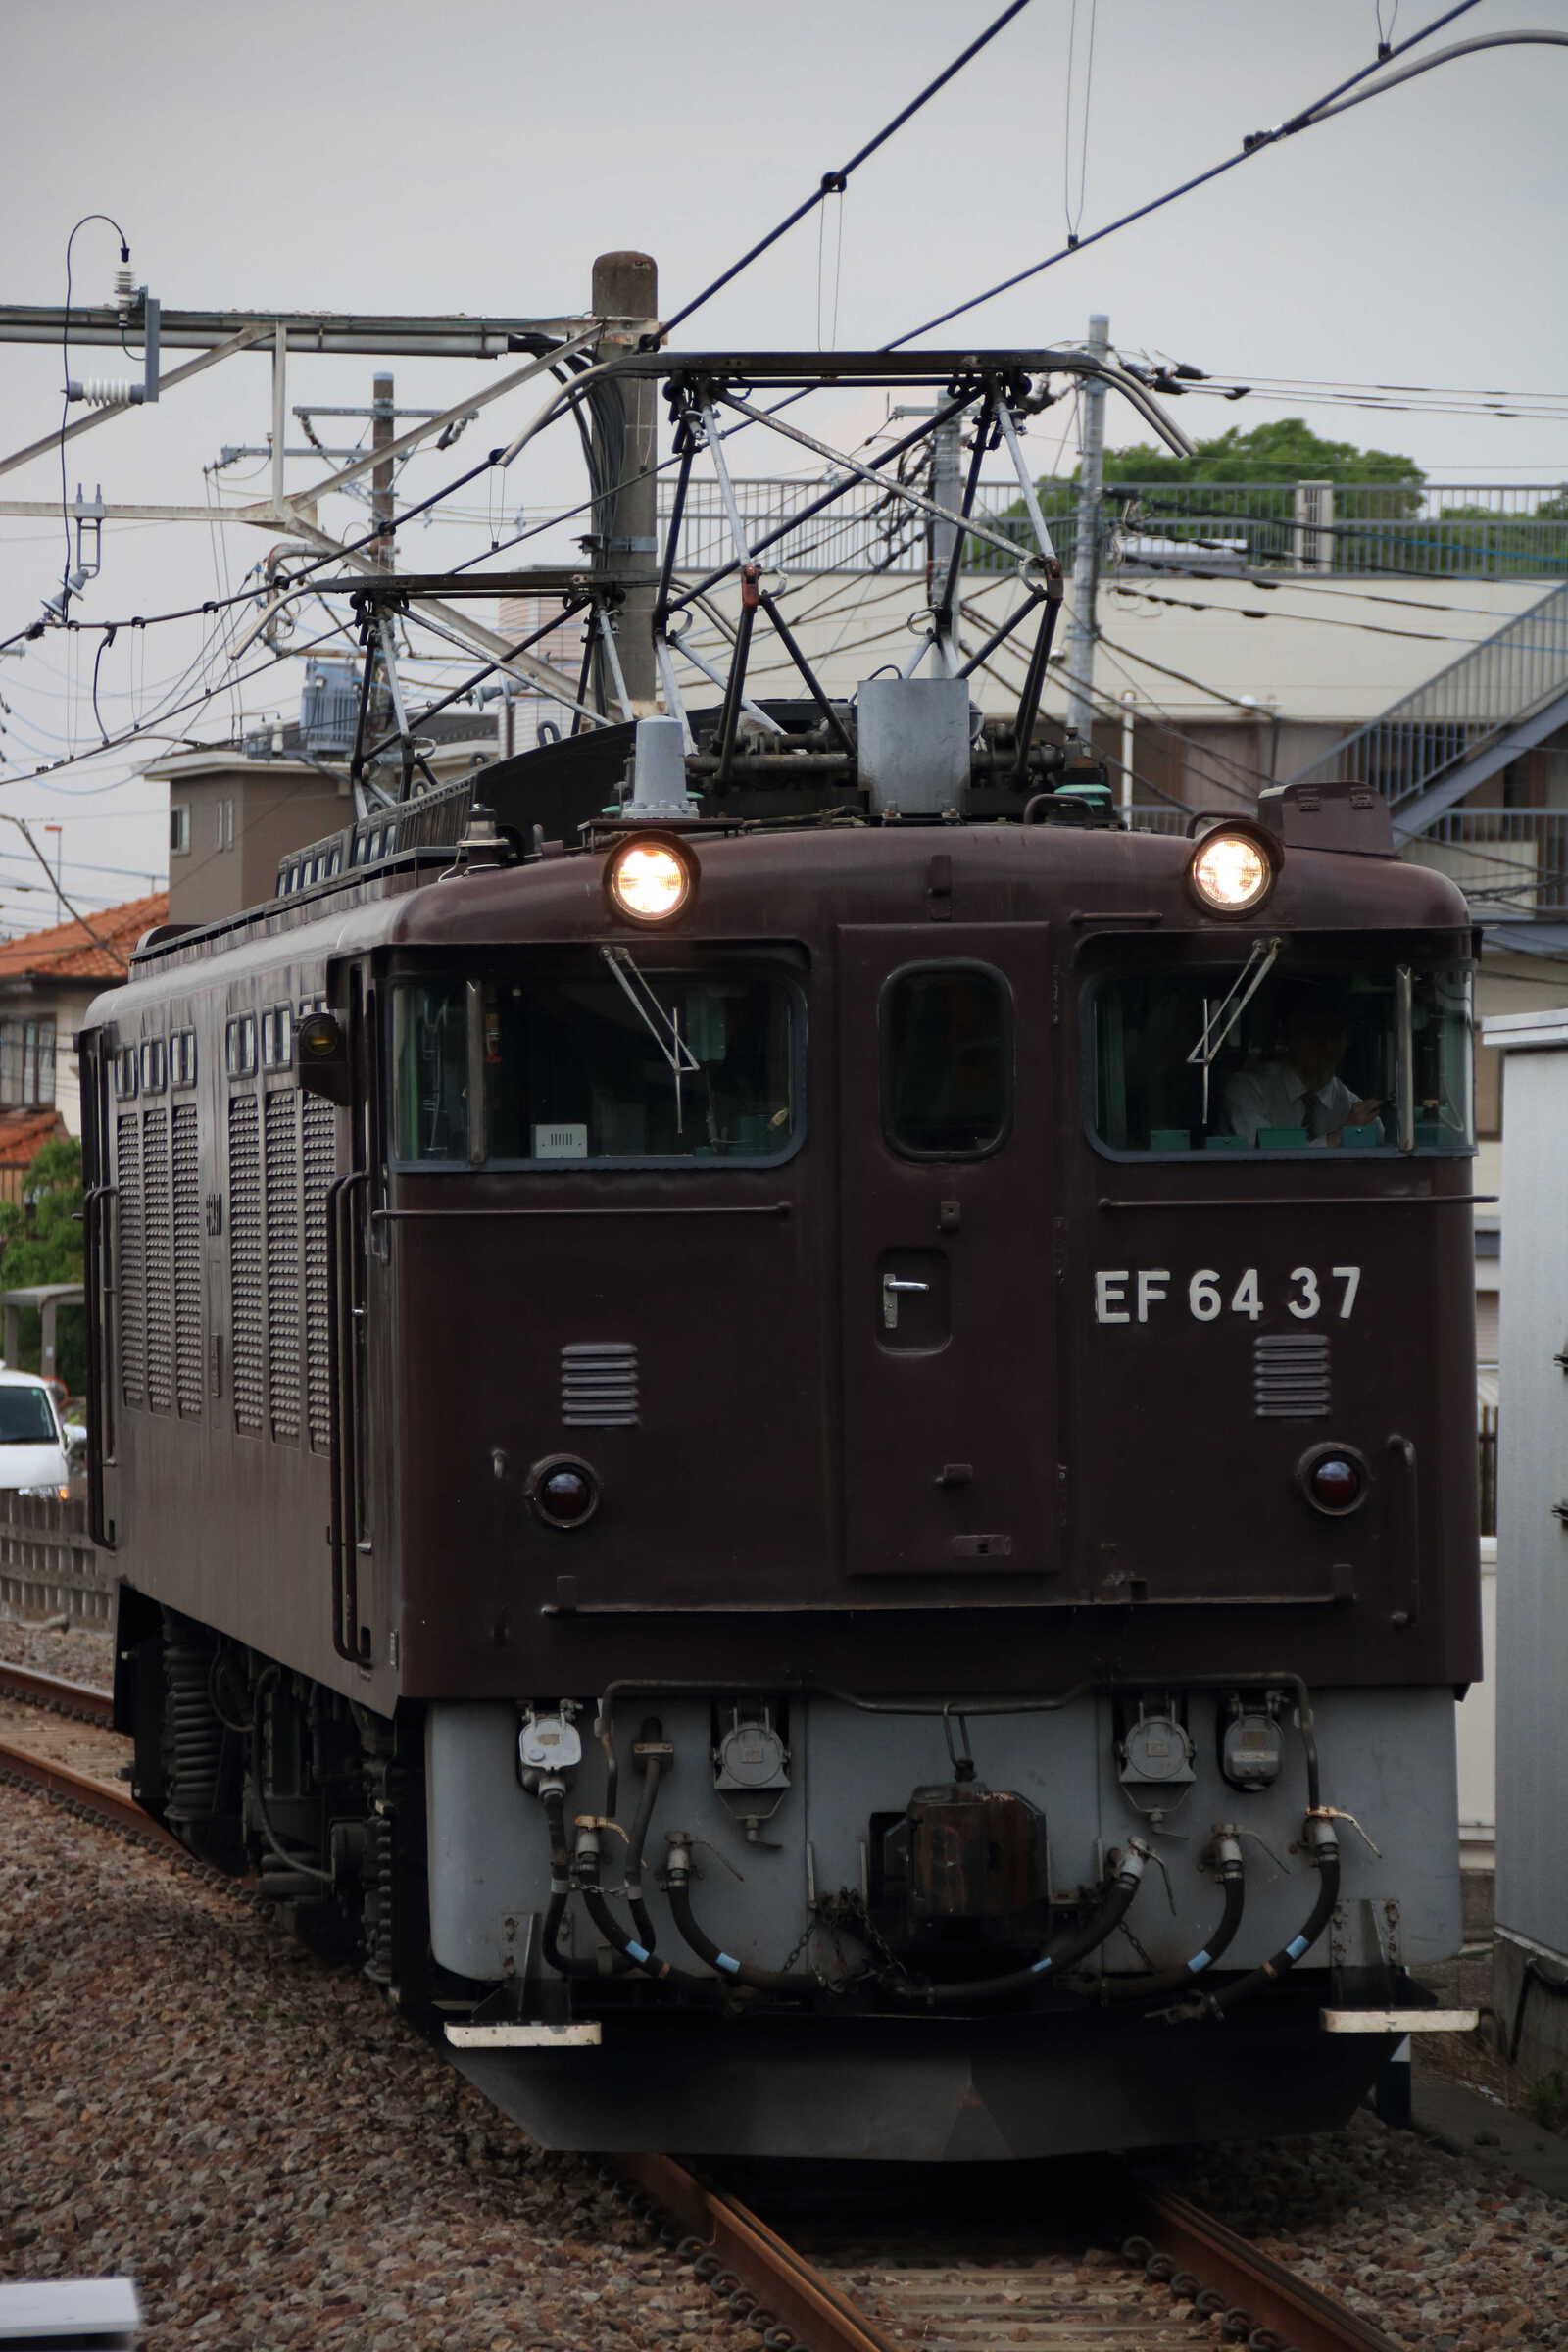 単9784列車 甲府常駐機送り込み EF64-37①[高]